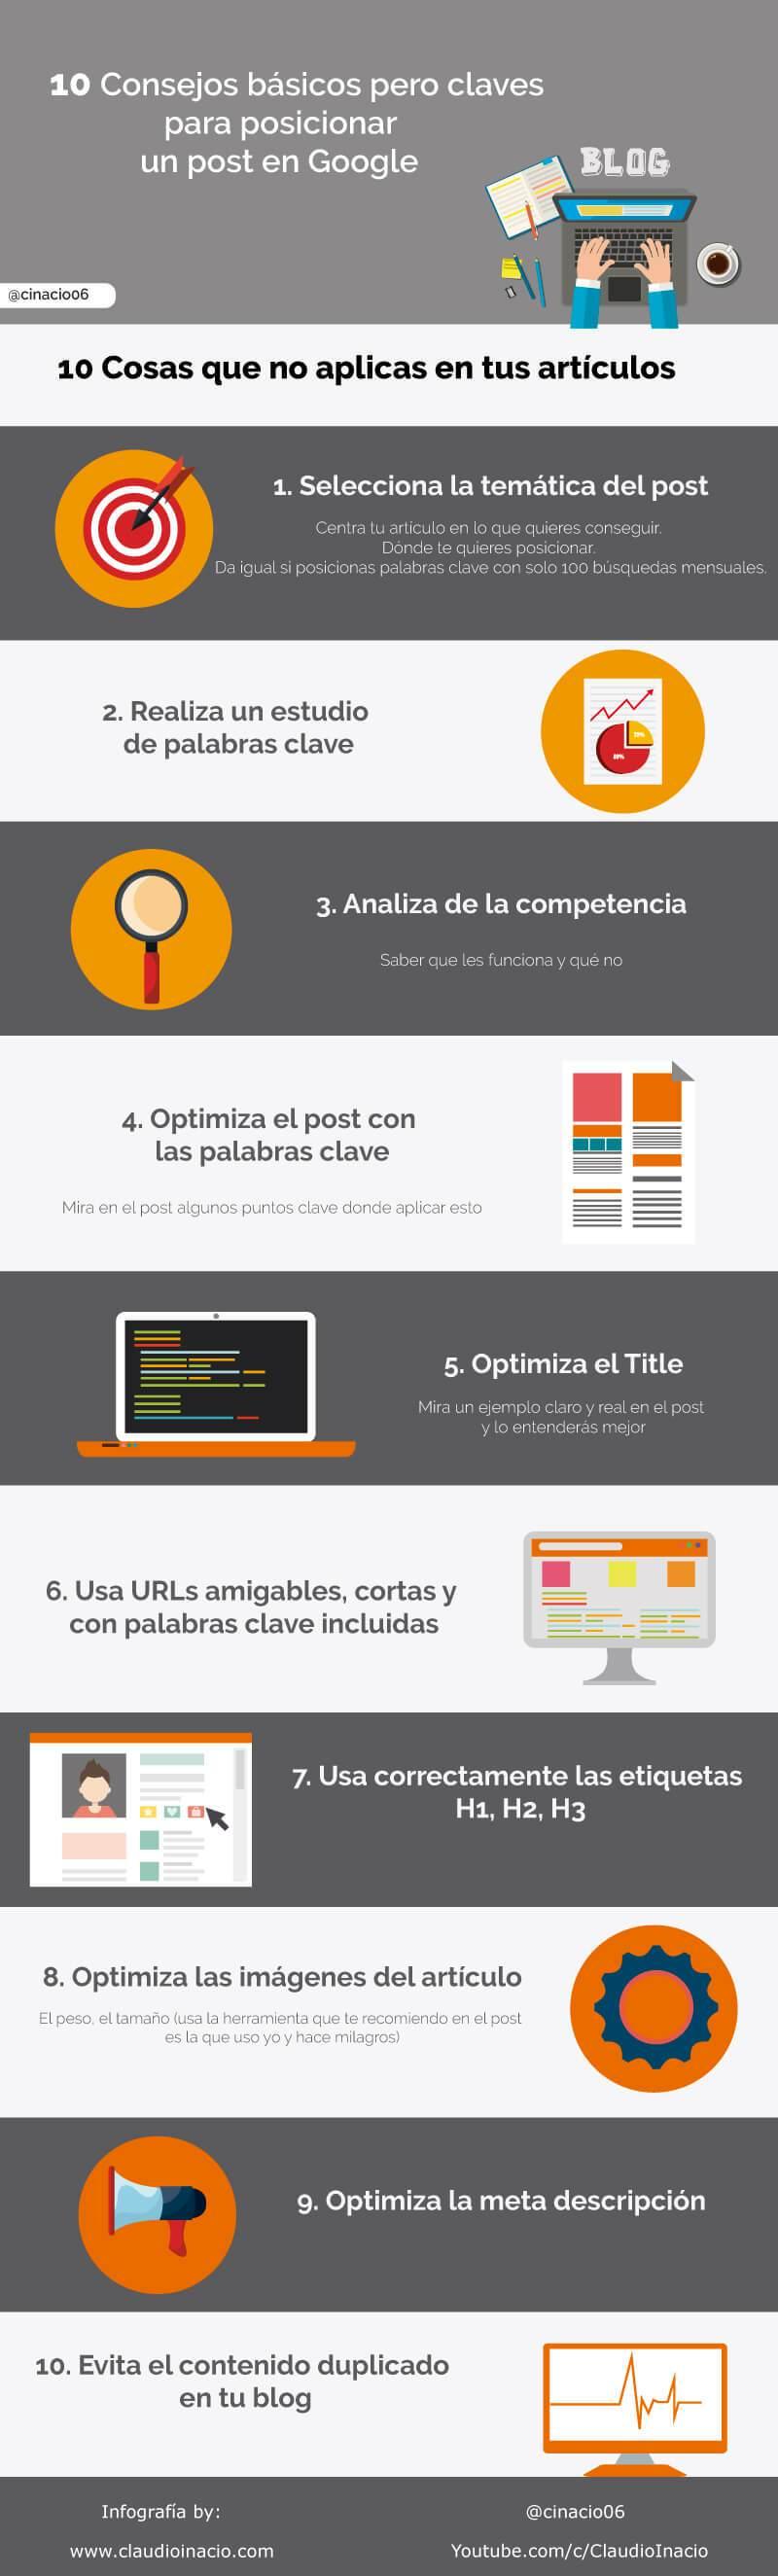 10 consejos básicos para posicionar un post en Google #infografia #infographic #seo